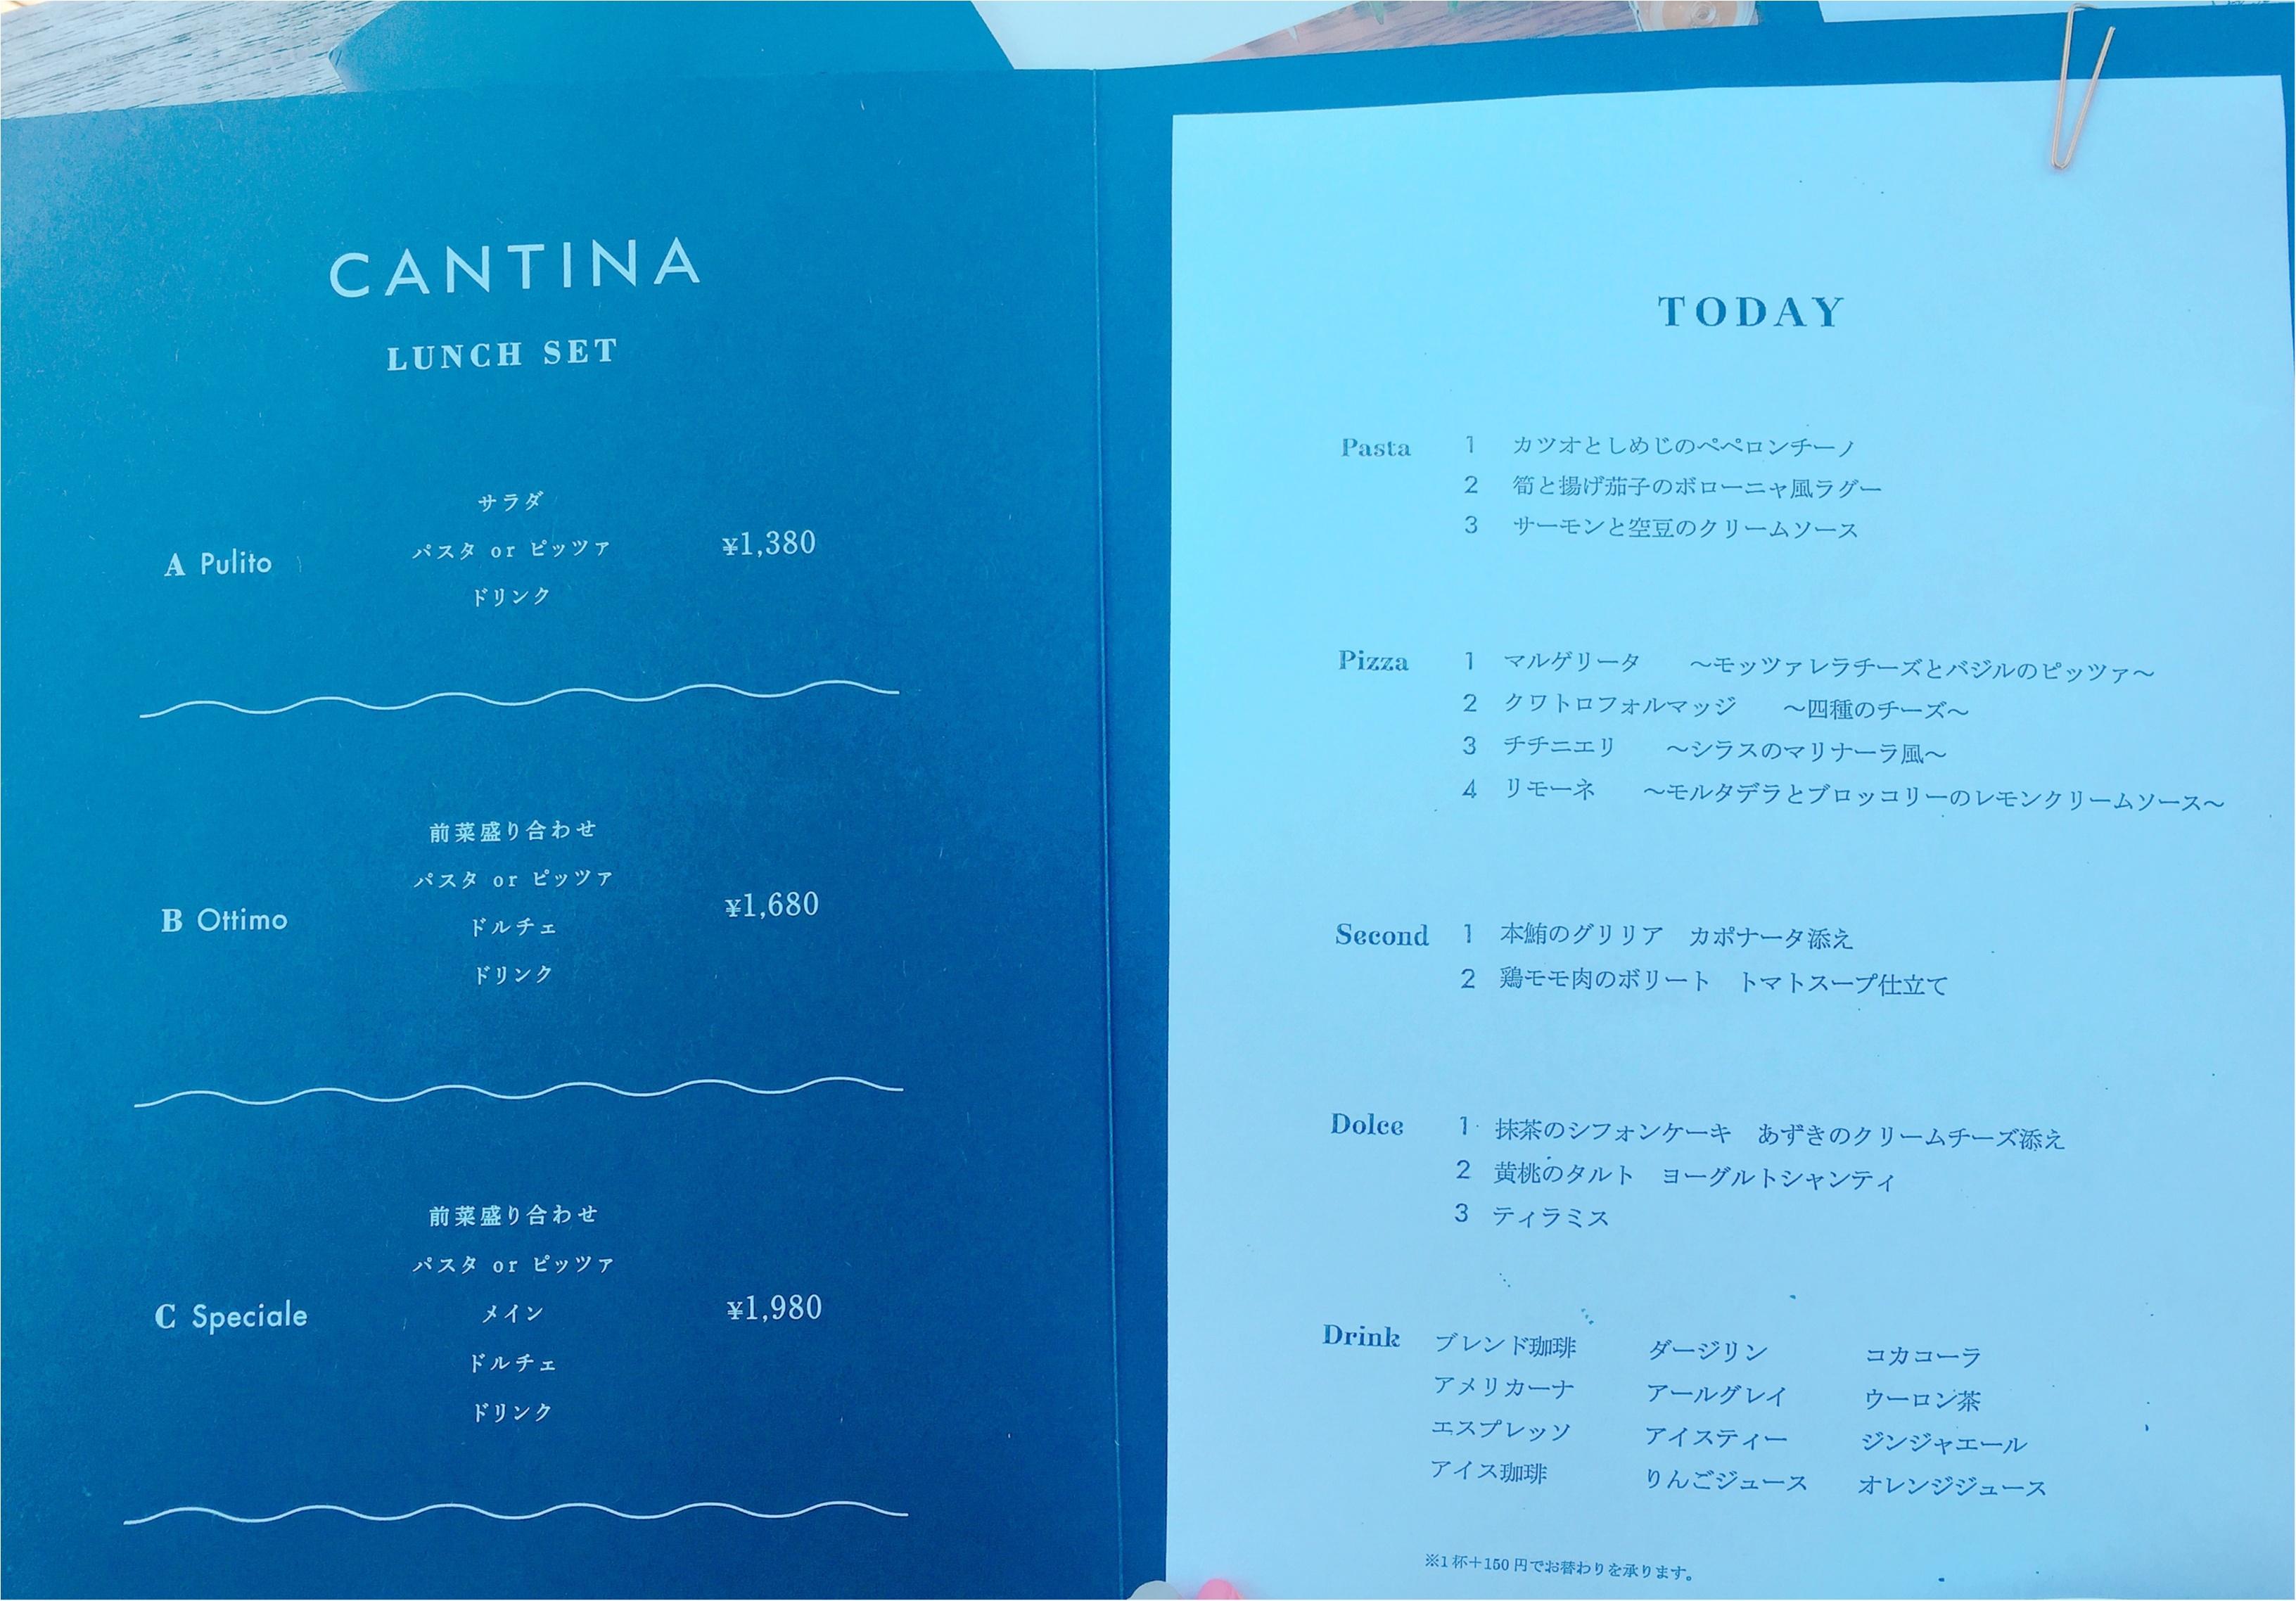 海が見えるテラス席があるレストラン♡逗子『CANTINA』のランチ✨_3